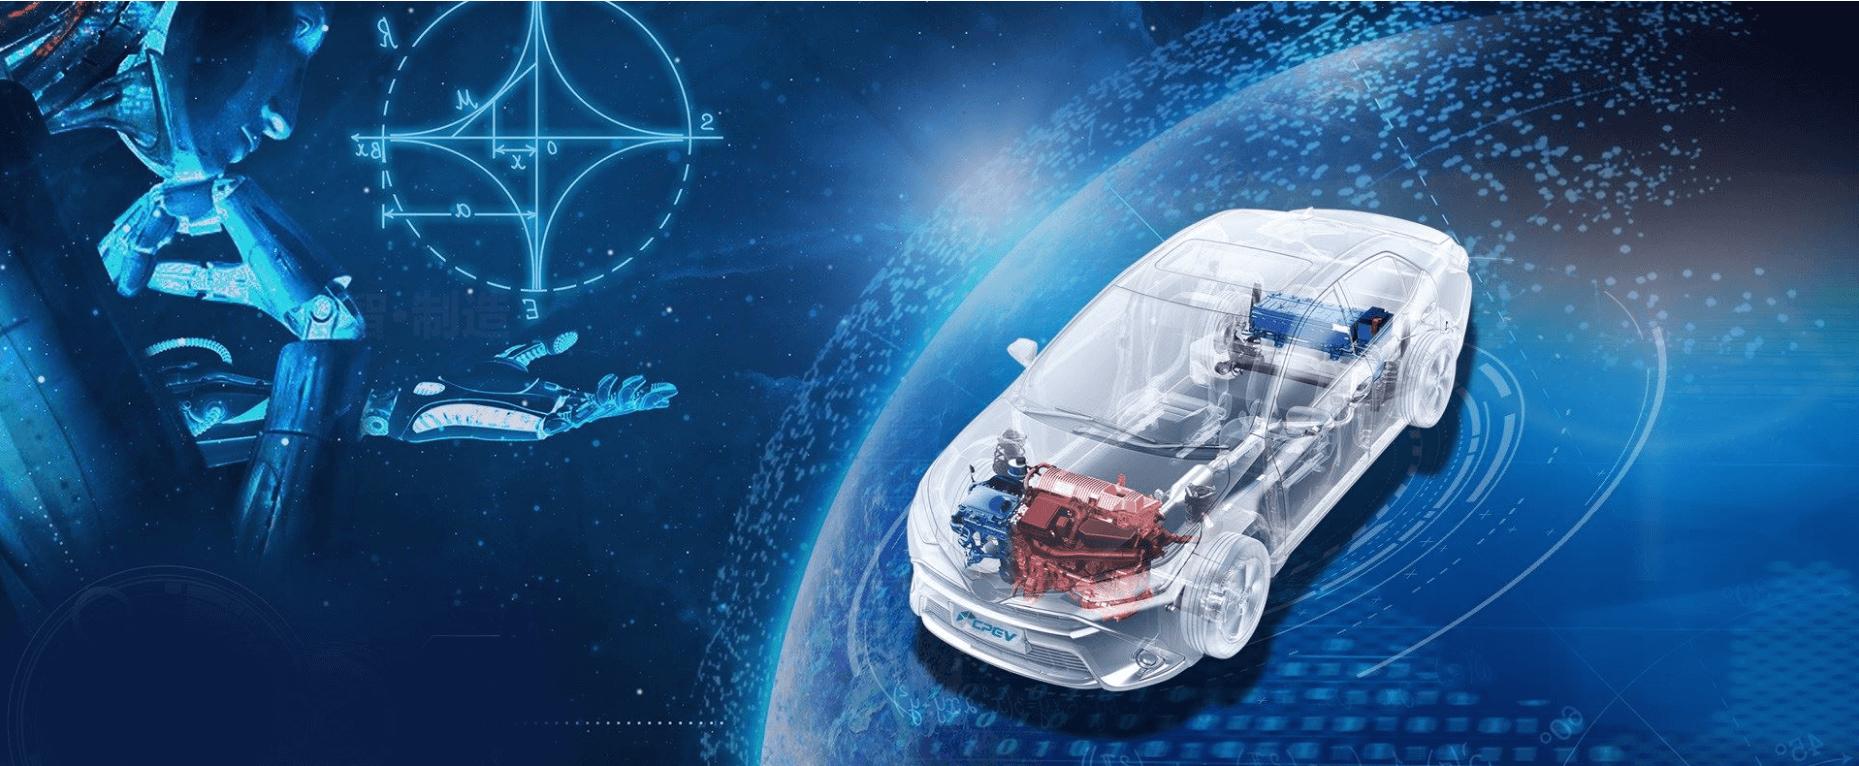 燃料电池催化剂开发与应用